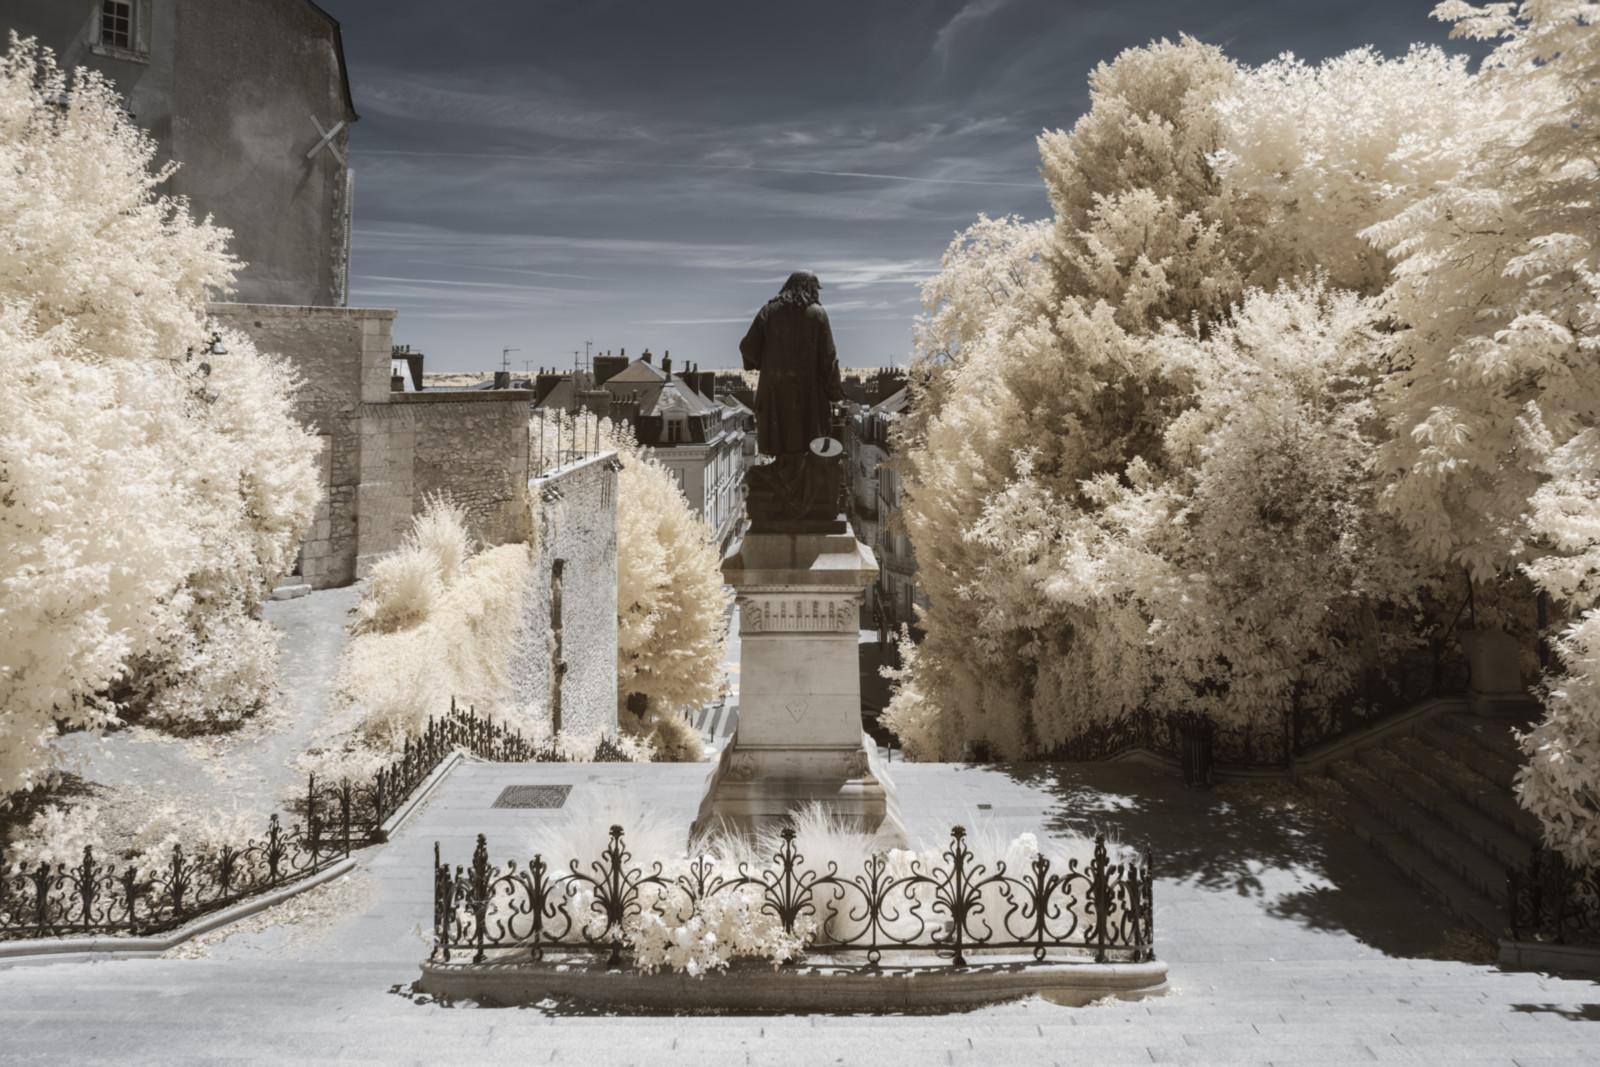 loiret-chateau-loire-patrimoine-monument-naturel-jardin-infrarouge-invisible-chaumont-chambord-blois-nature-pierre-louis-ferrer